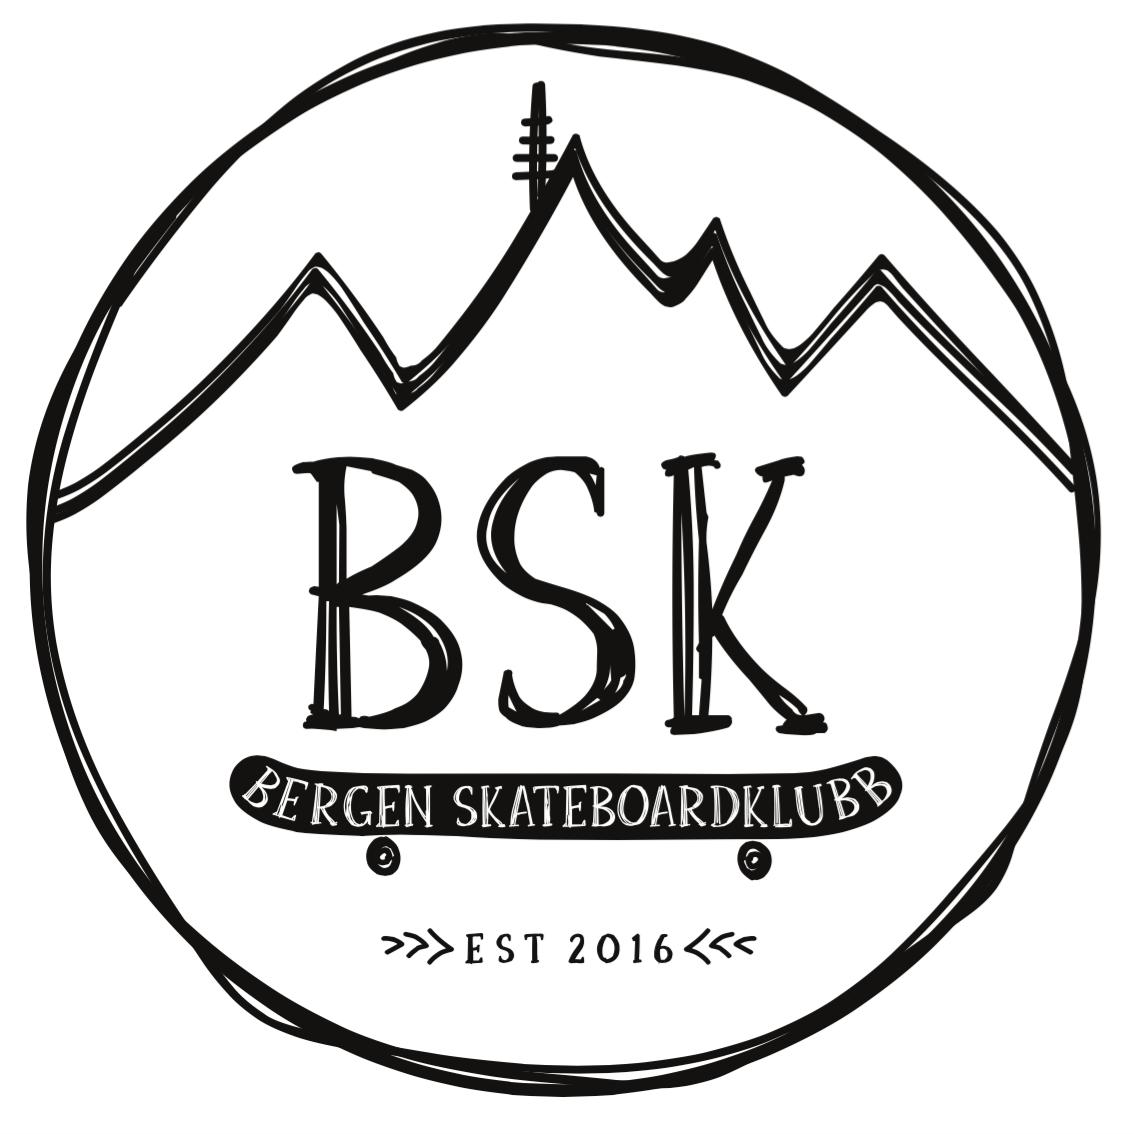 Bergen skateboardklubb